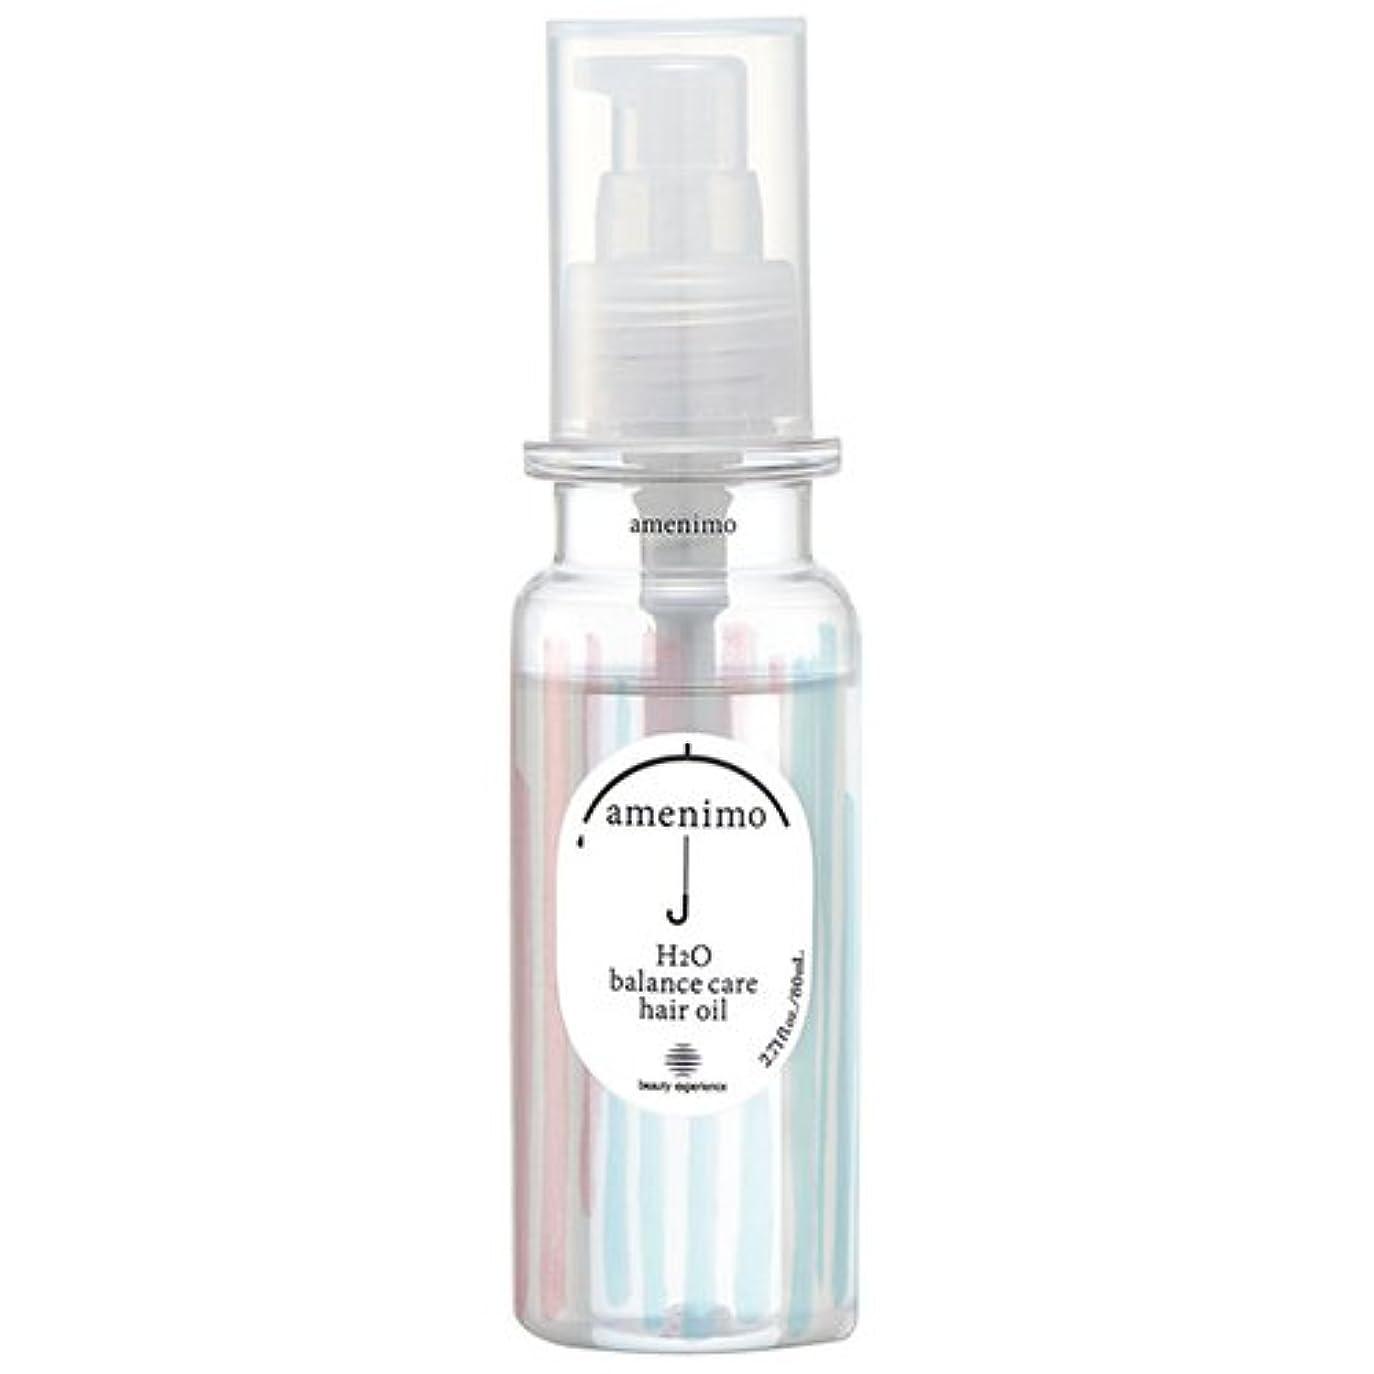 リスク苦難熱心amenimo(アメニモ) H2O バランスケア ヘアオイル 80mL